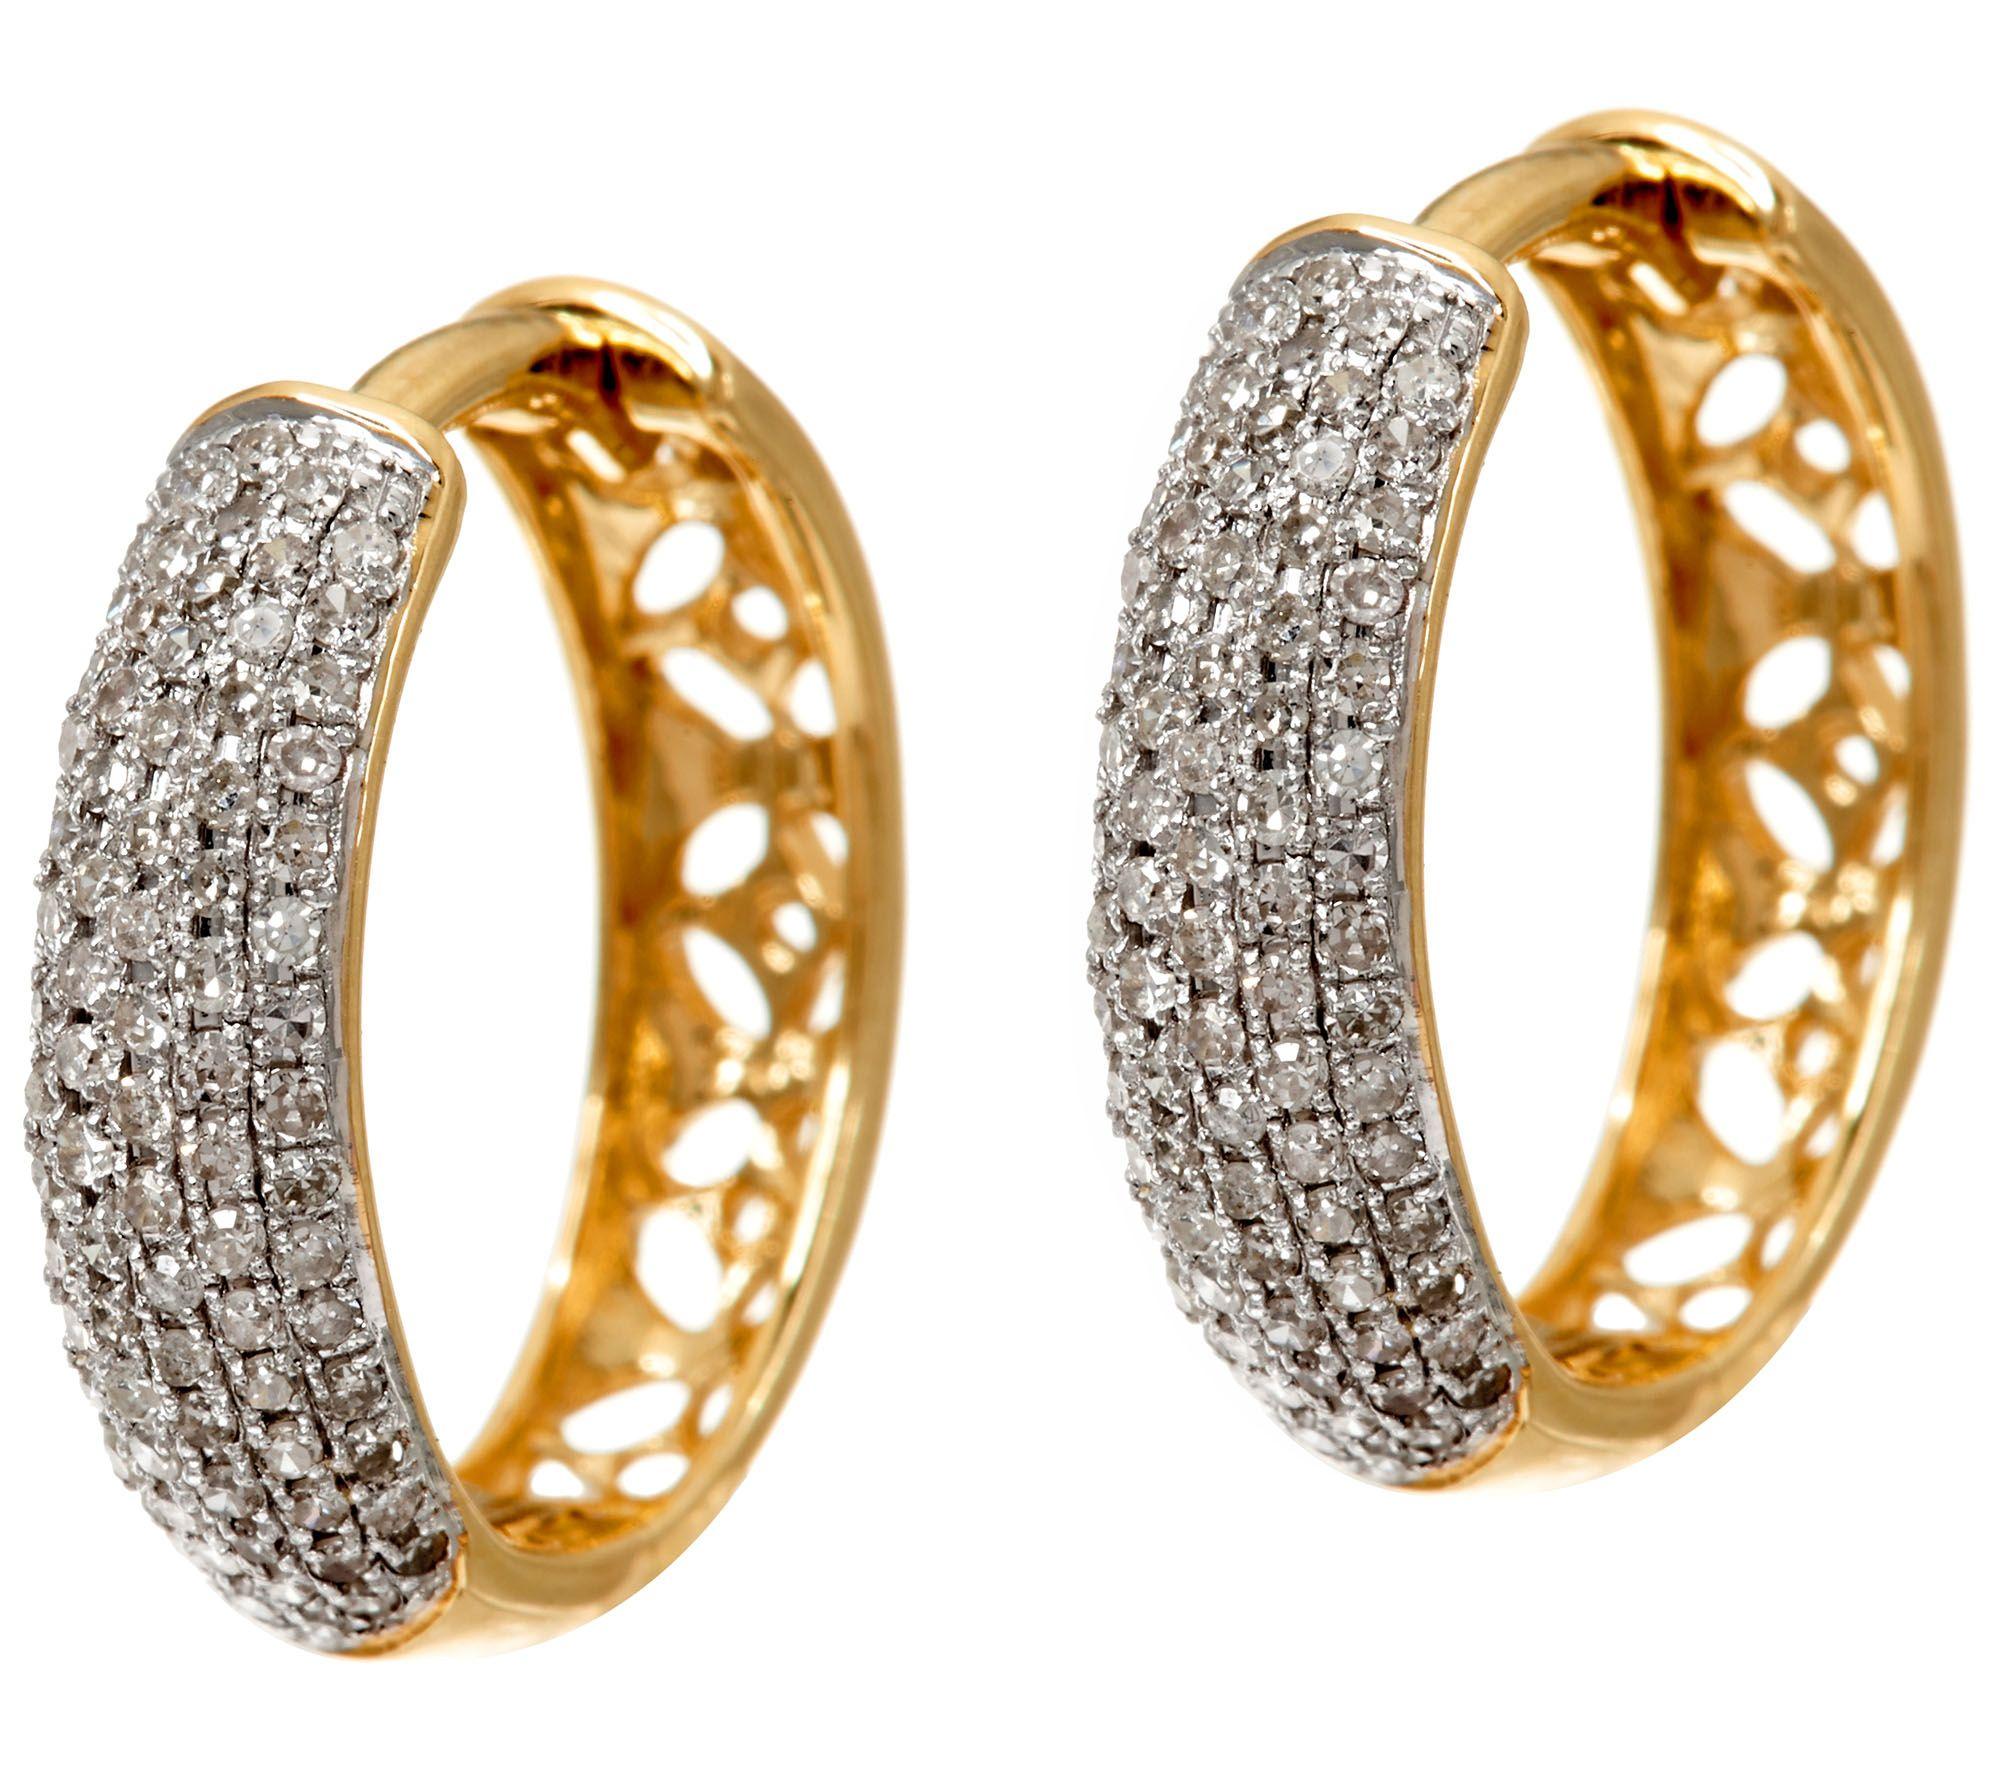 Pave Diamond Huggie Hoop Earrings 1 2 cttw 14K Gold Affinity